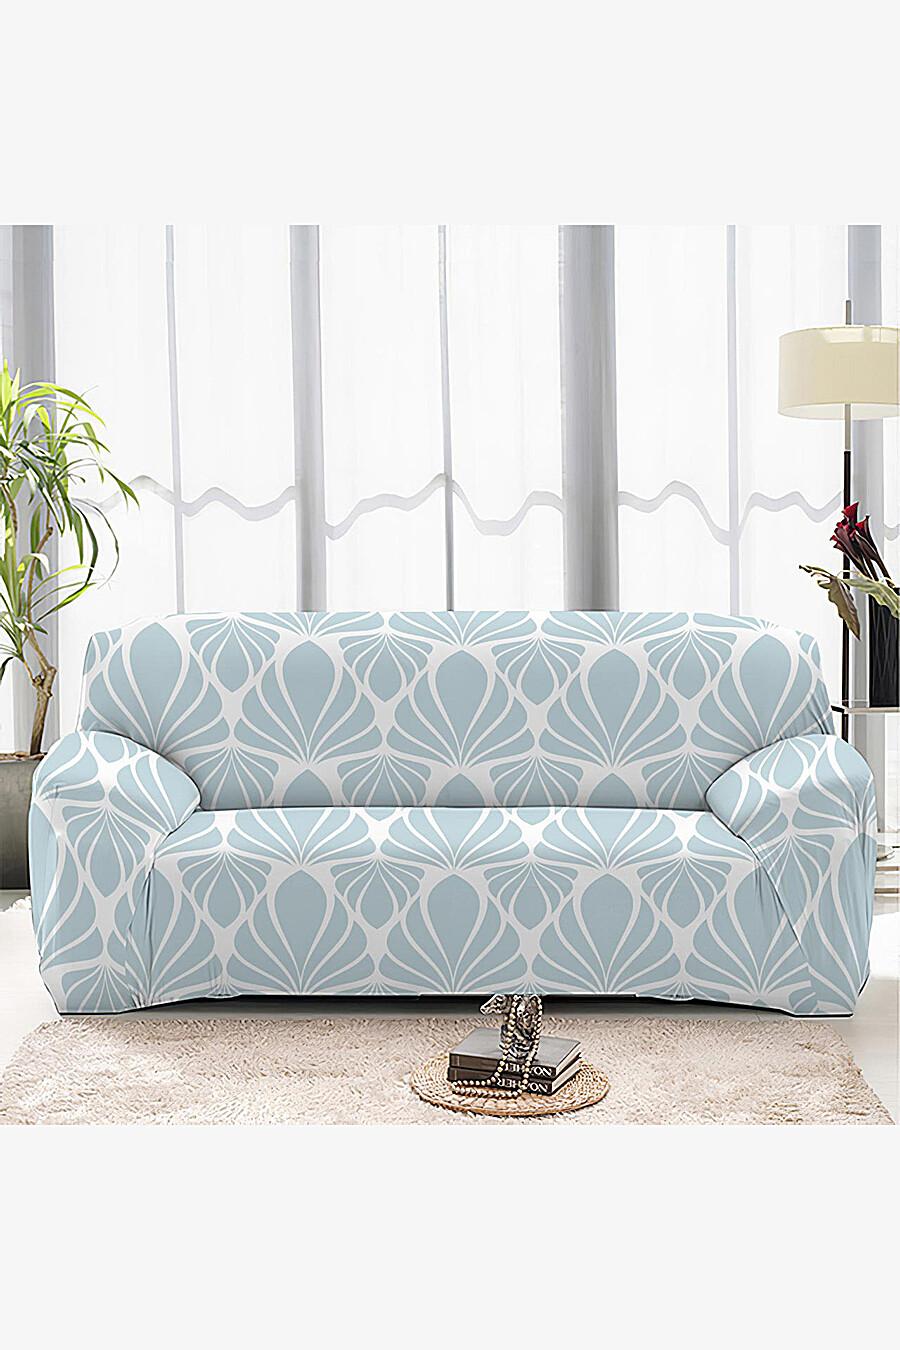 Чехол на диван для дома ART HOME TEXTILE 162810 купить оптом от производителя. Совместная покупка товаров для дома в OptMoyo